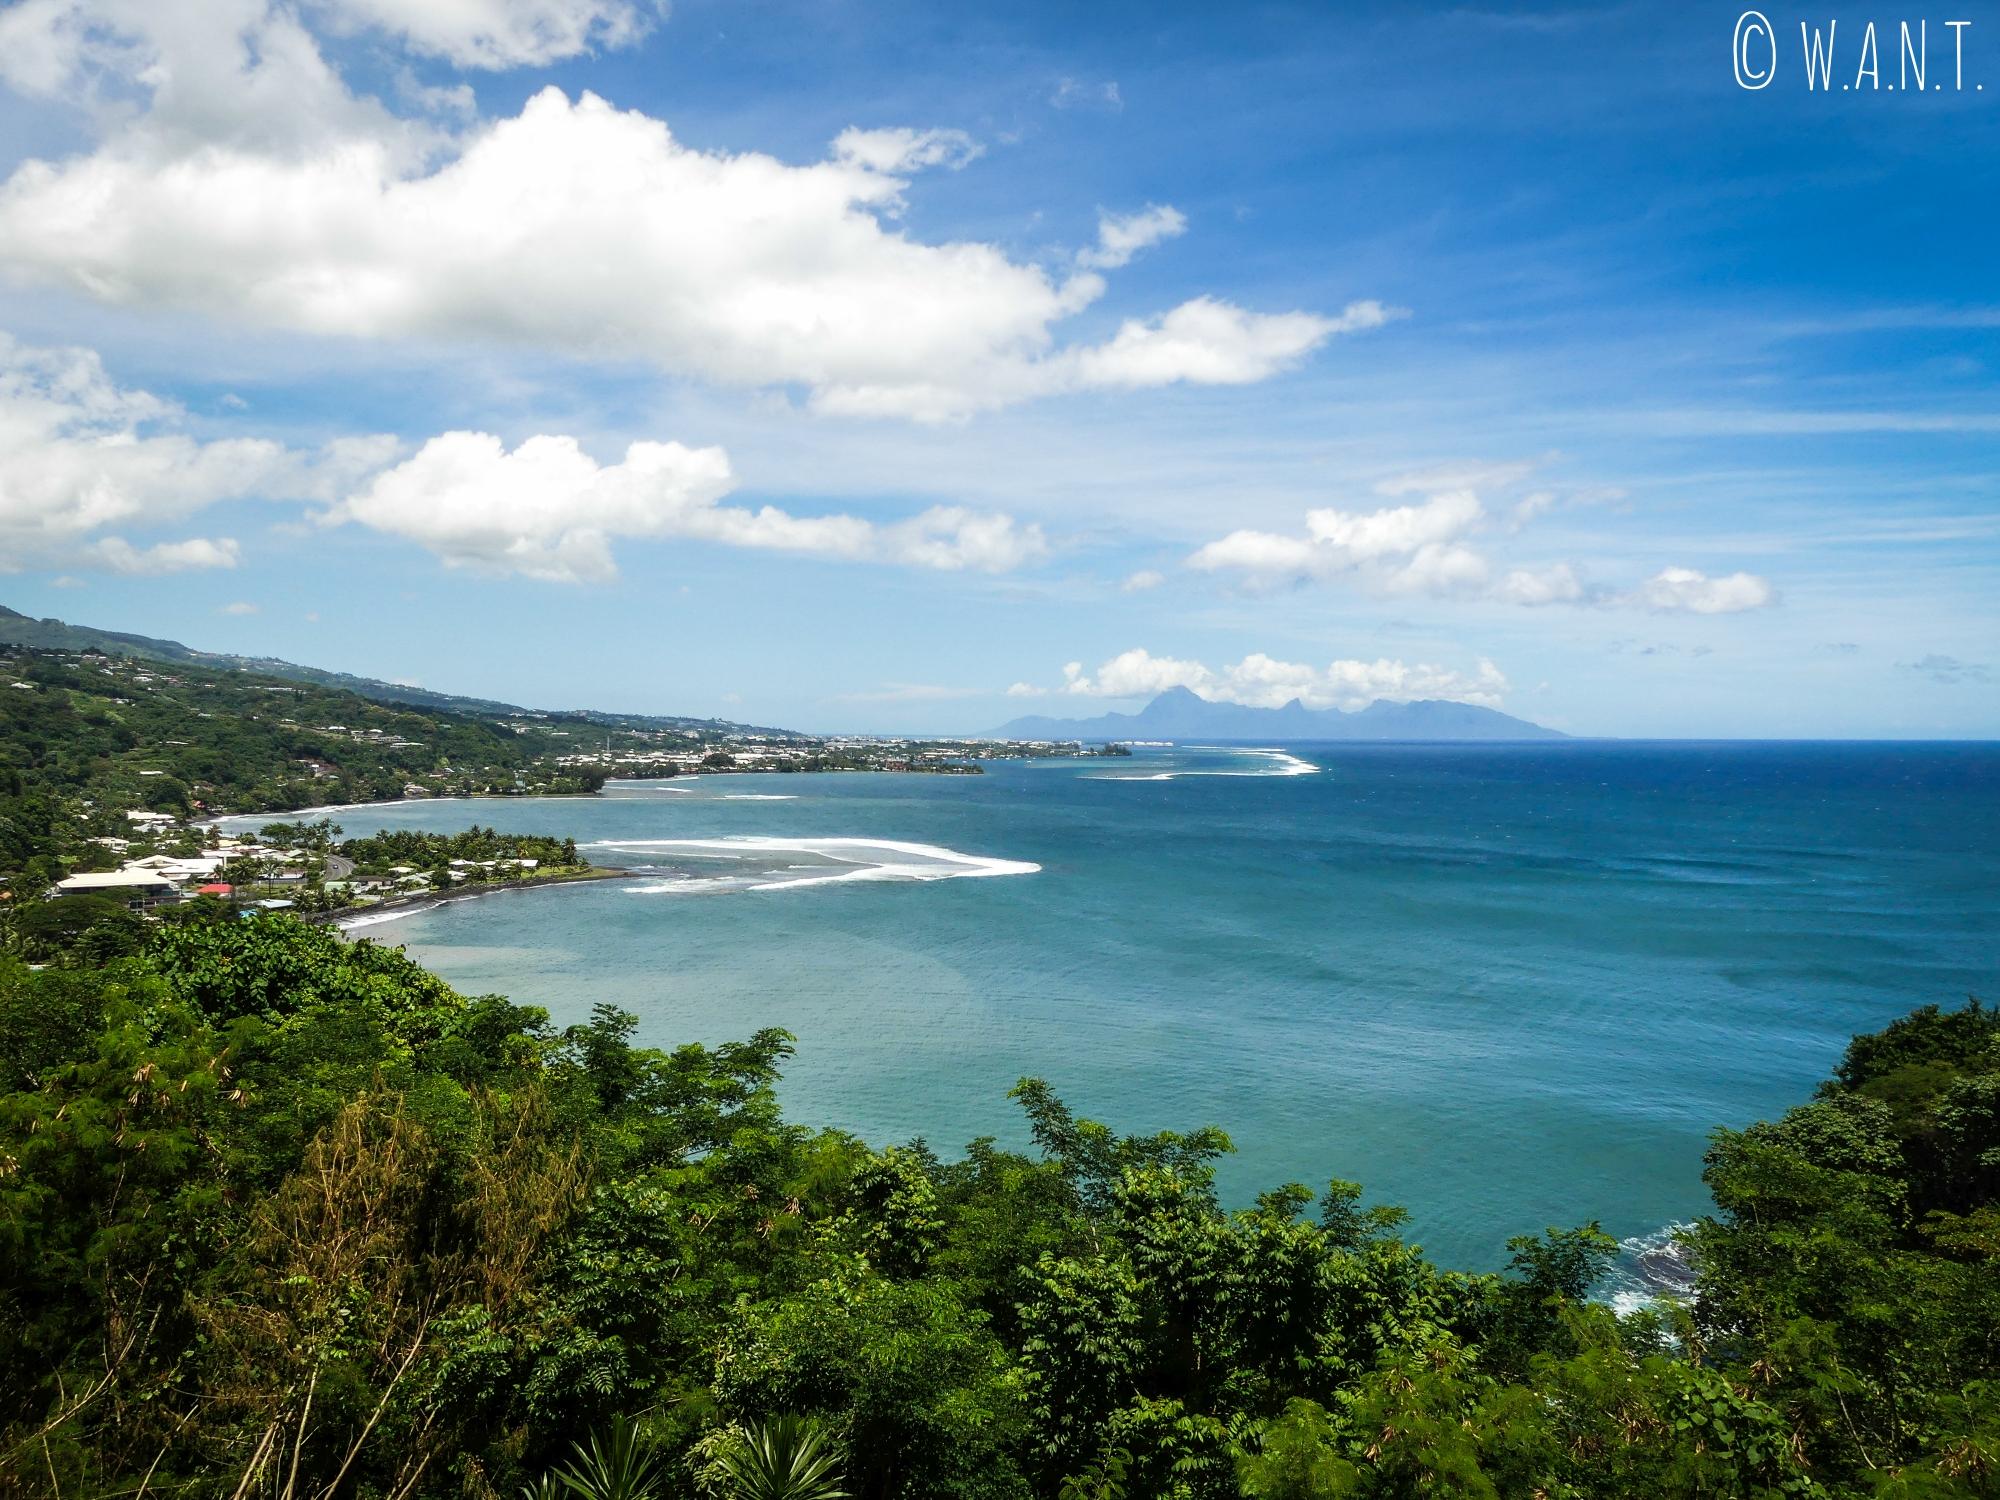 Point de vue depuis le col de Tahara'a sur l'île de Tahiti